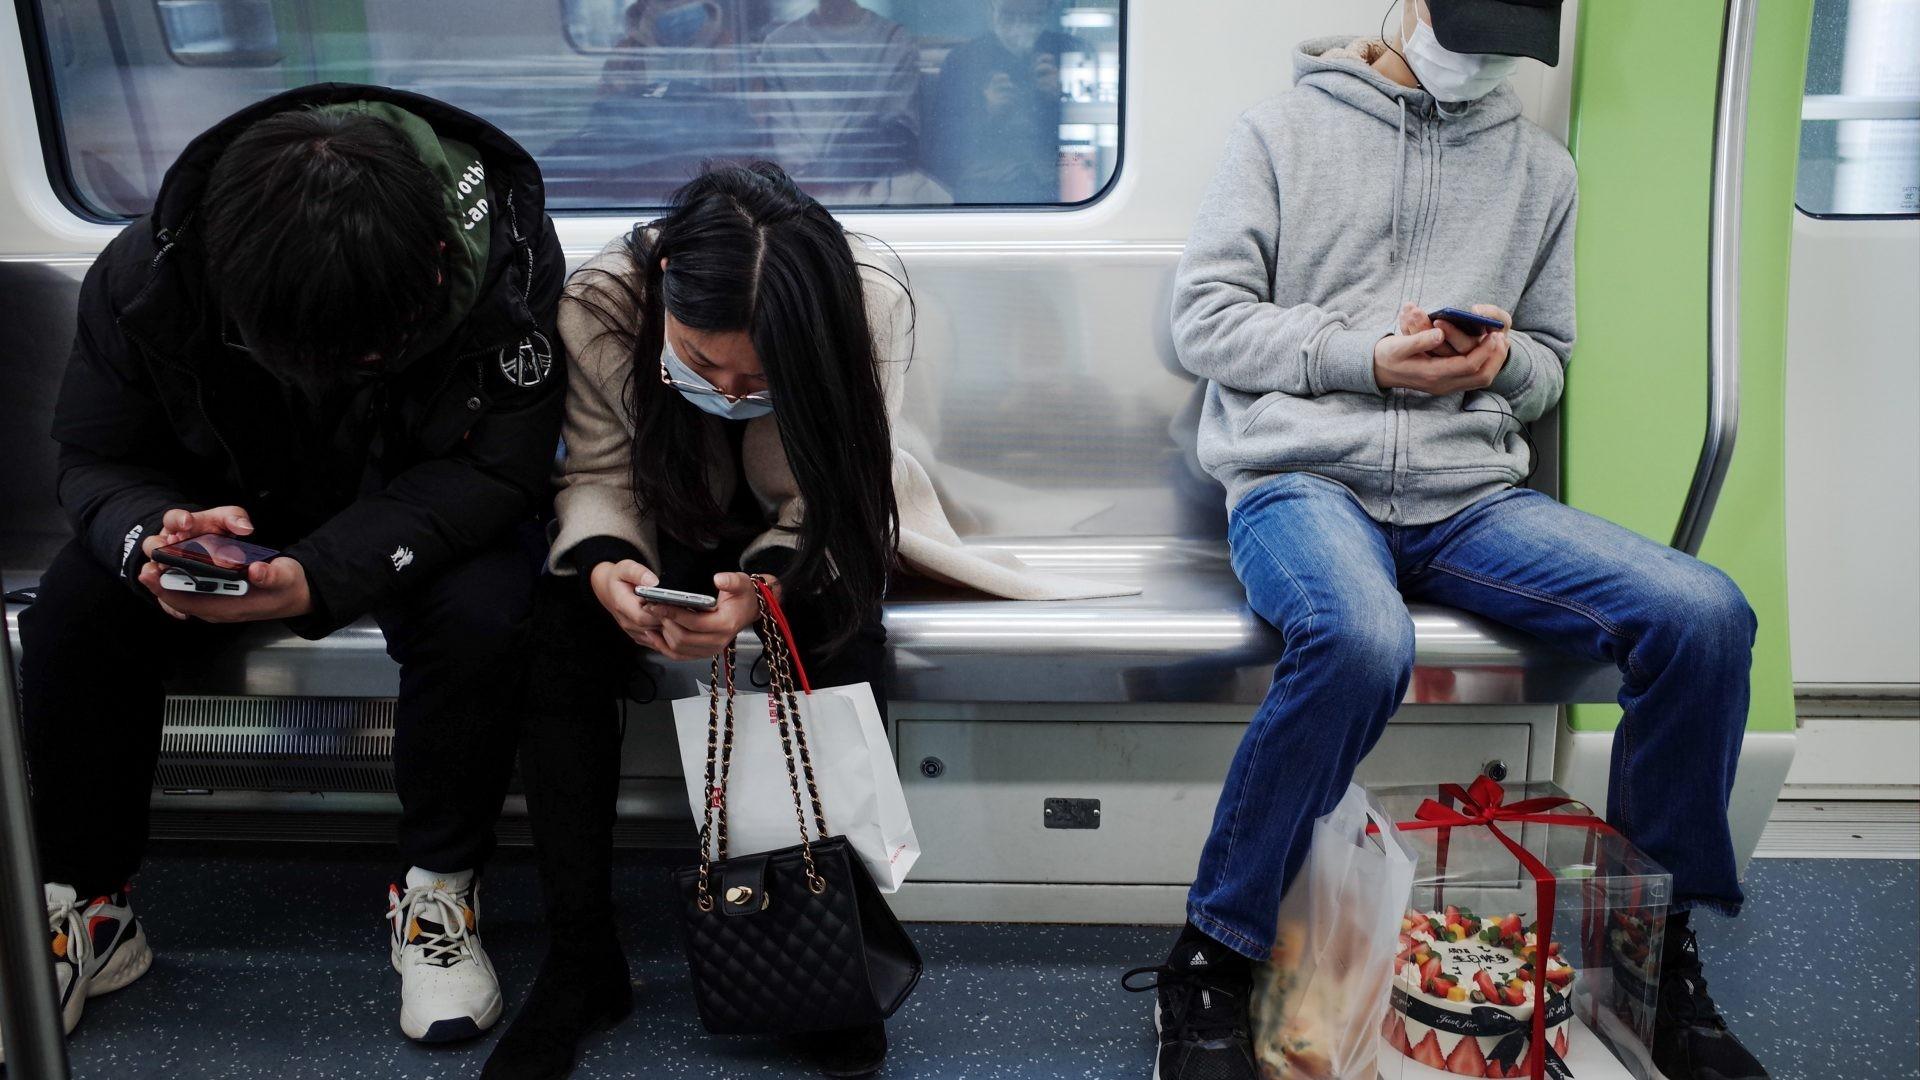 Một nửa người dùng smartphone sẽ trì hoãn việc mua sản phẩm mới - Ảnh 1.